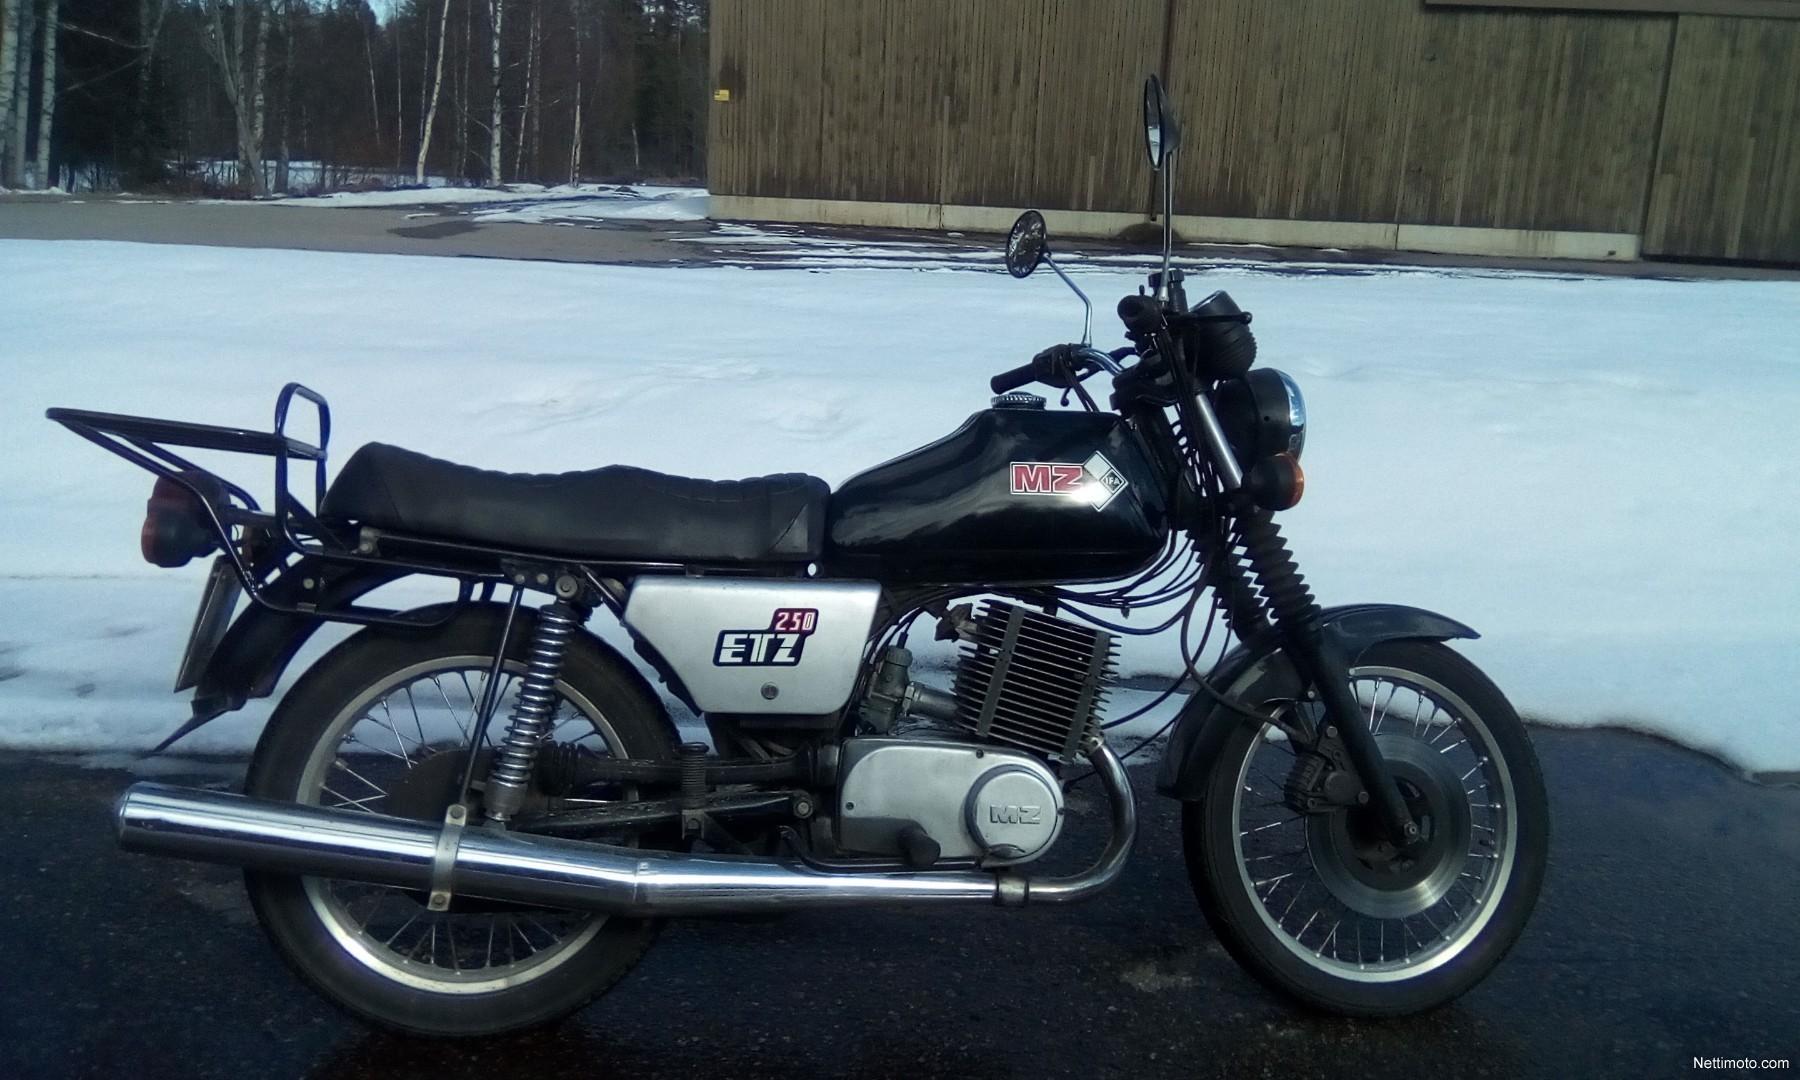 MZ ETZ 250 cm³ 1984 - Nurmijärvi - Moottoripyörä - Nettimoto